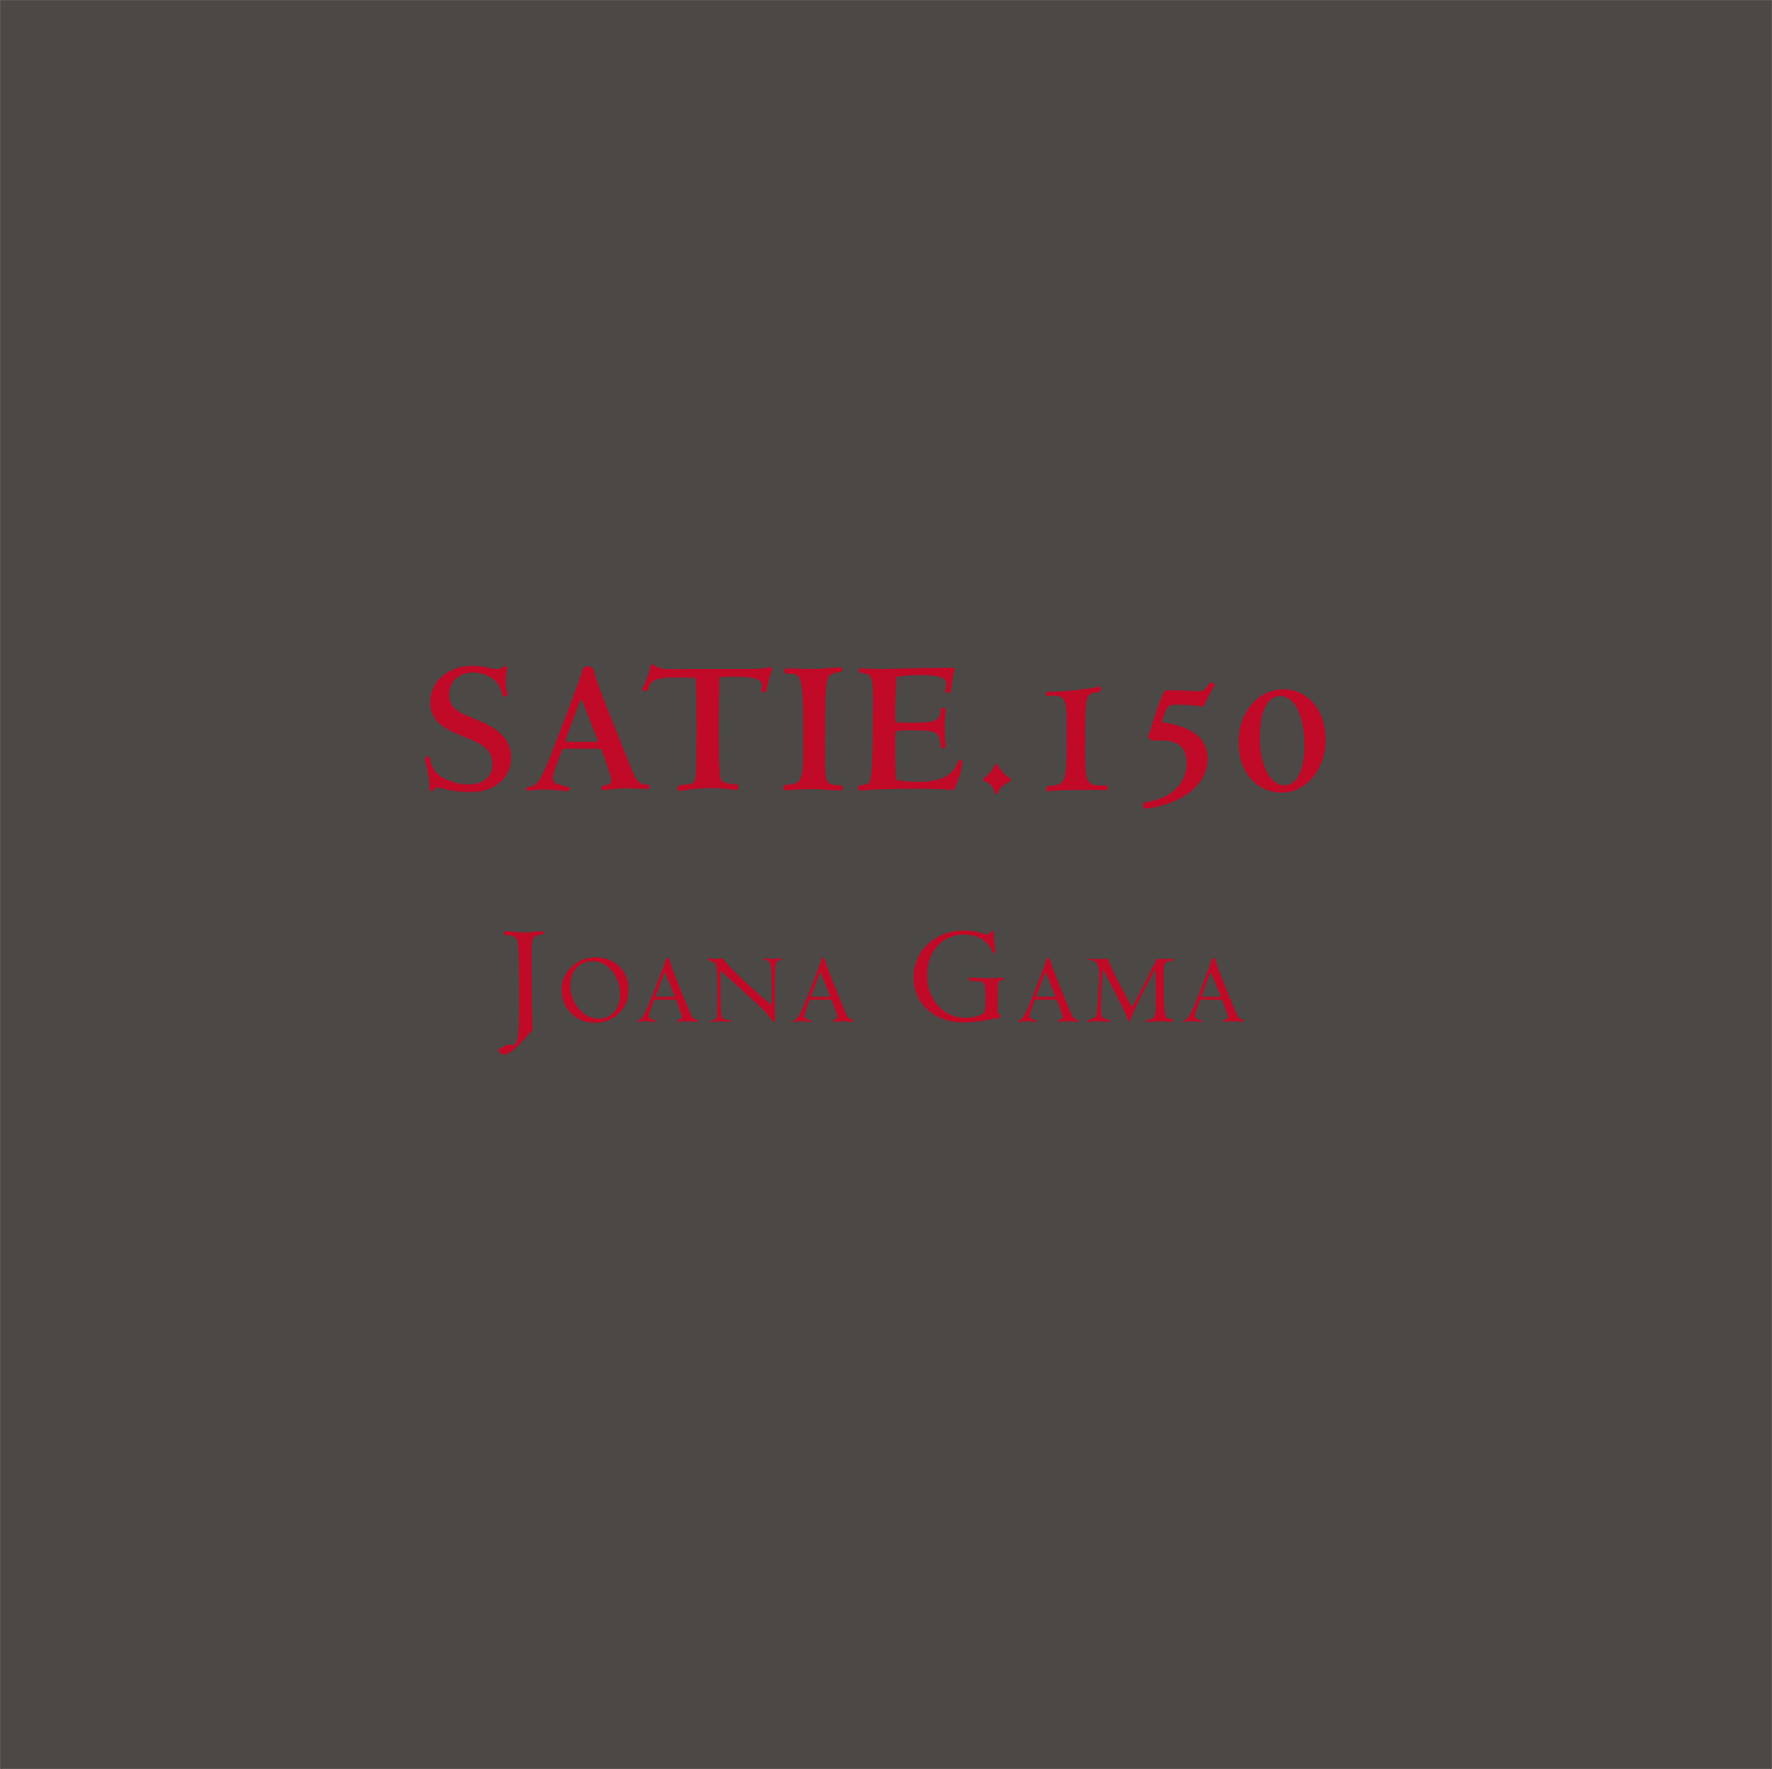 SATIE.150, Joana Gama